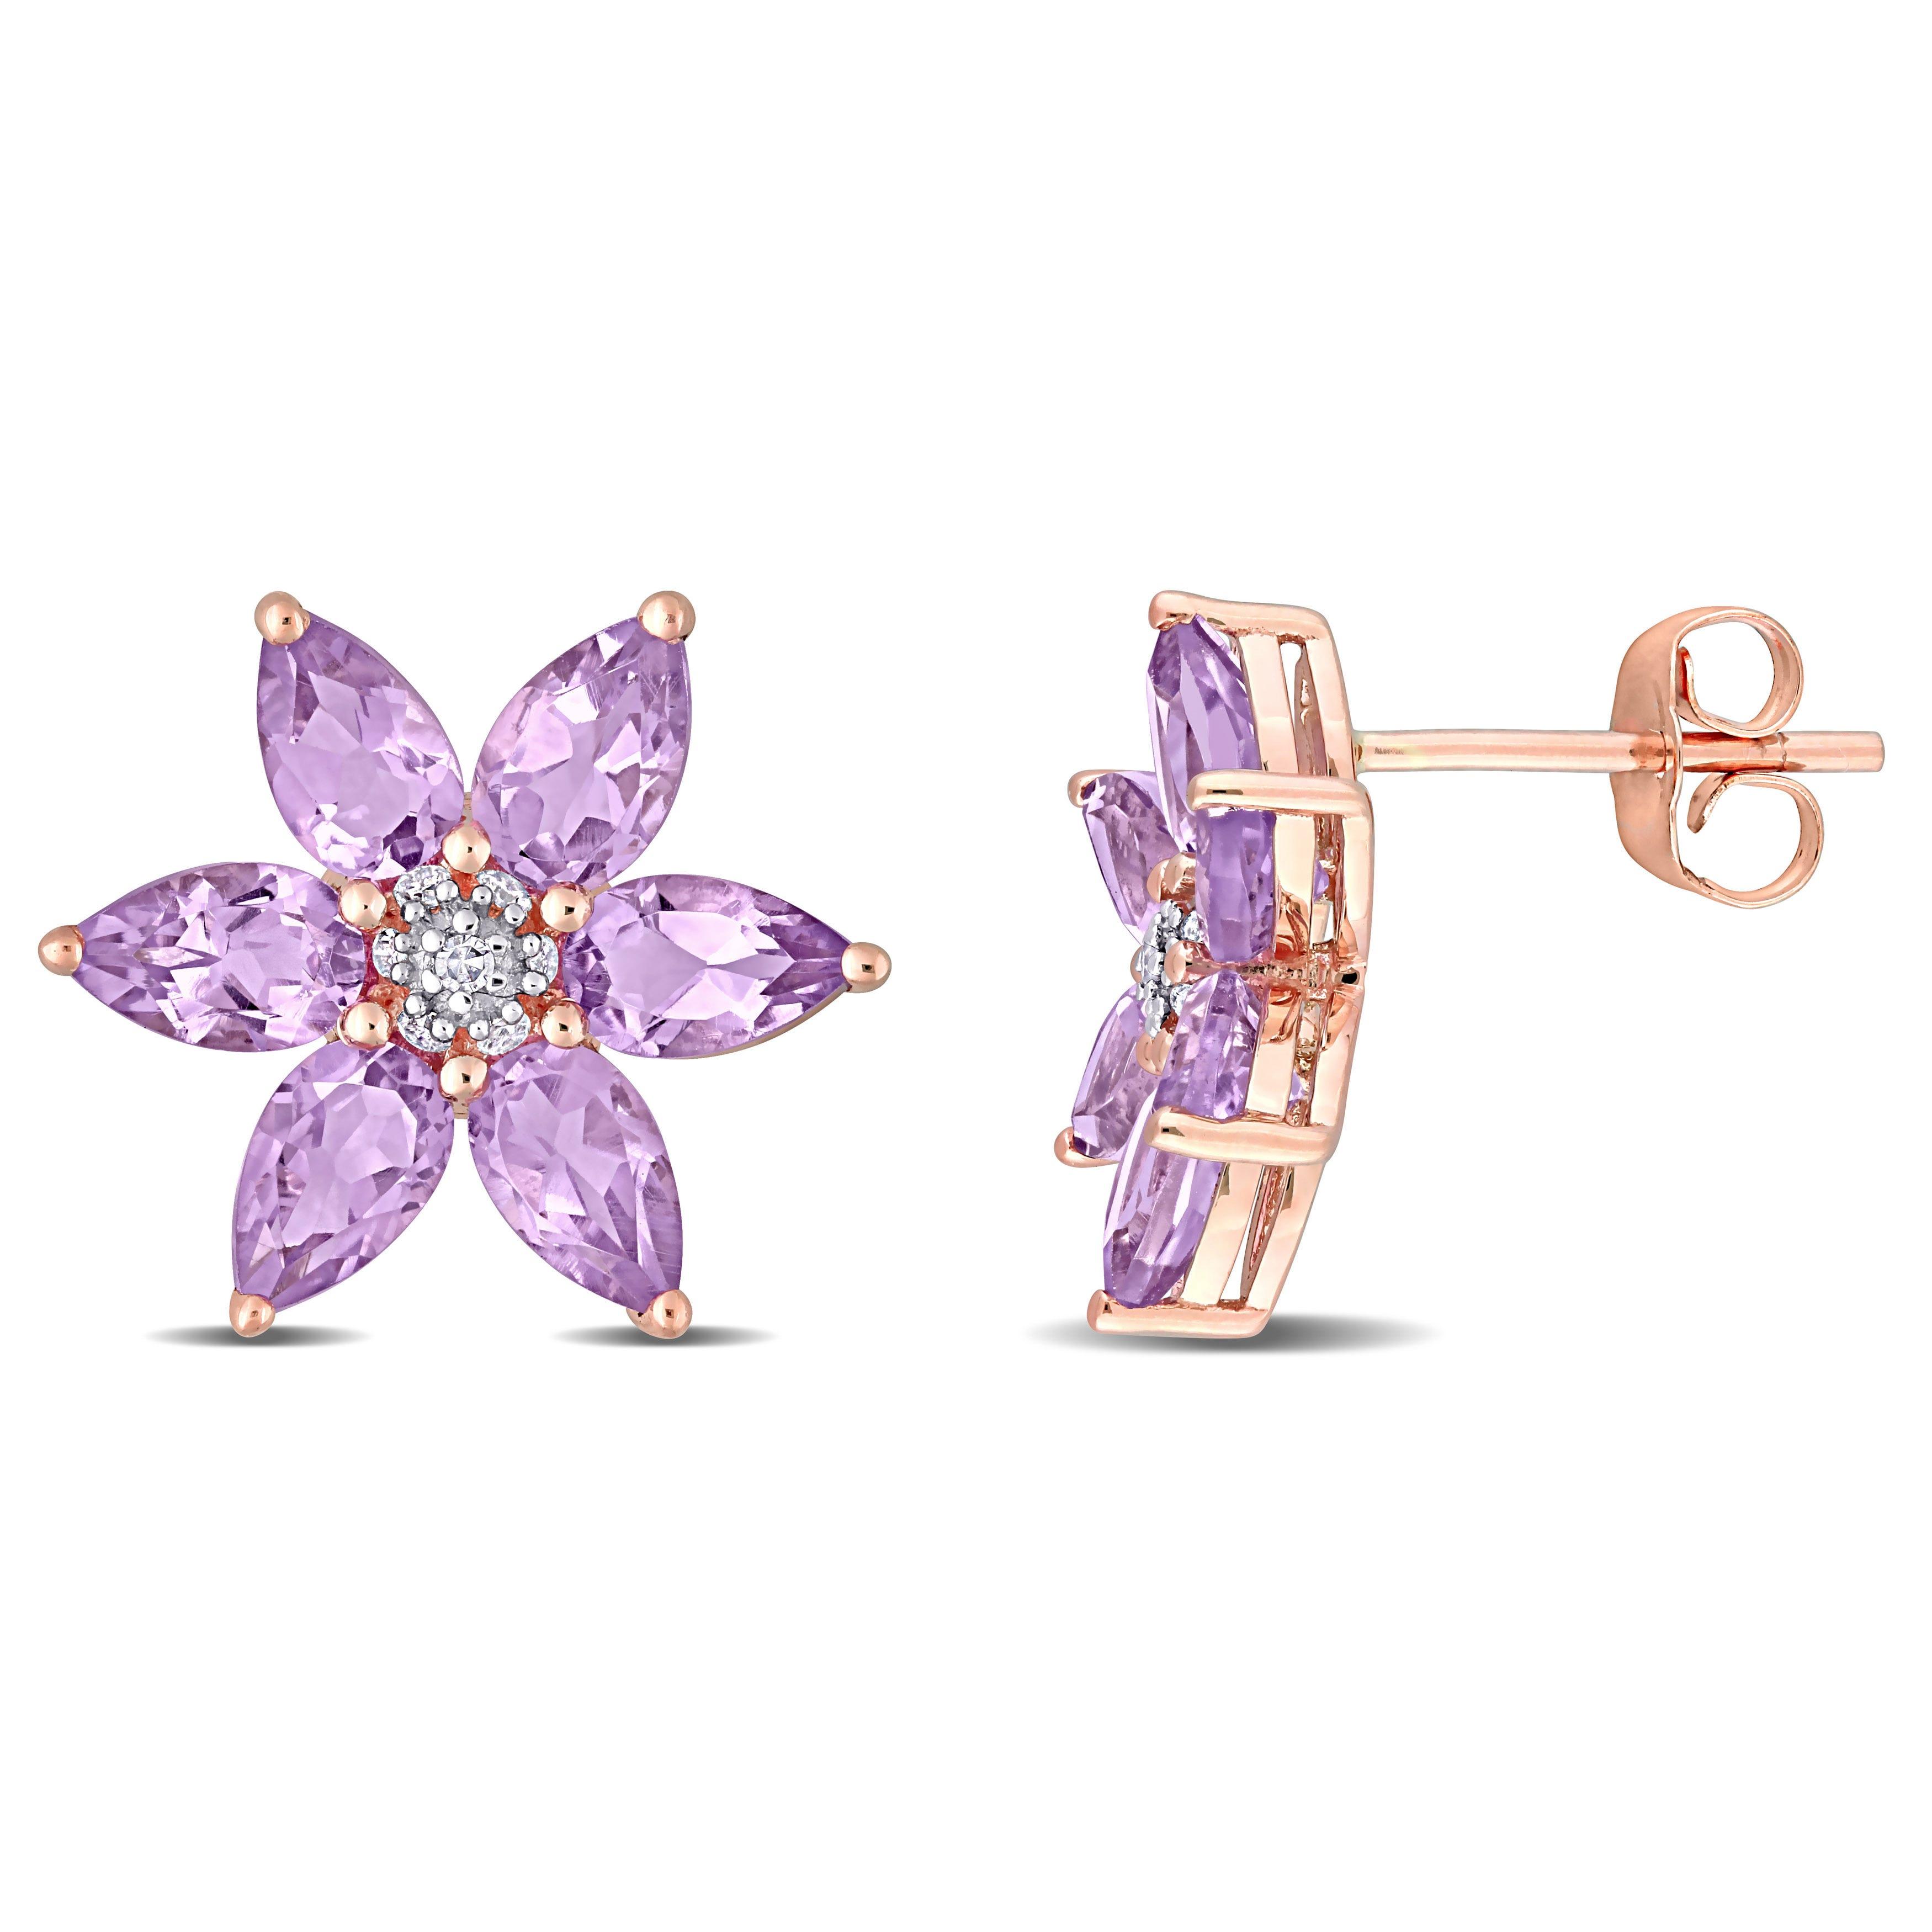 Amethyst & Diamond Floral Stud Earrings in 10k Rose Gold